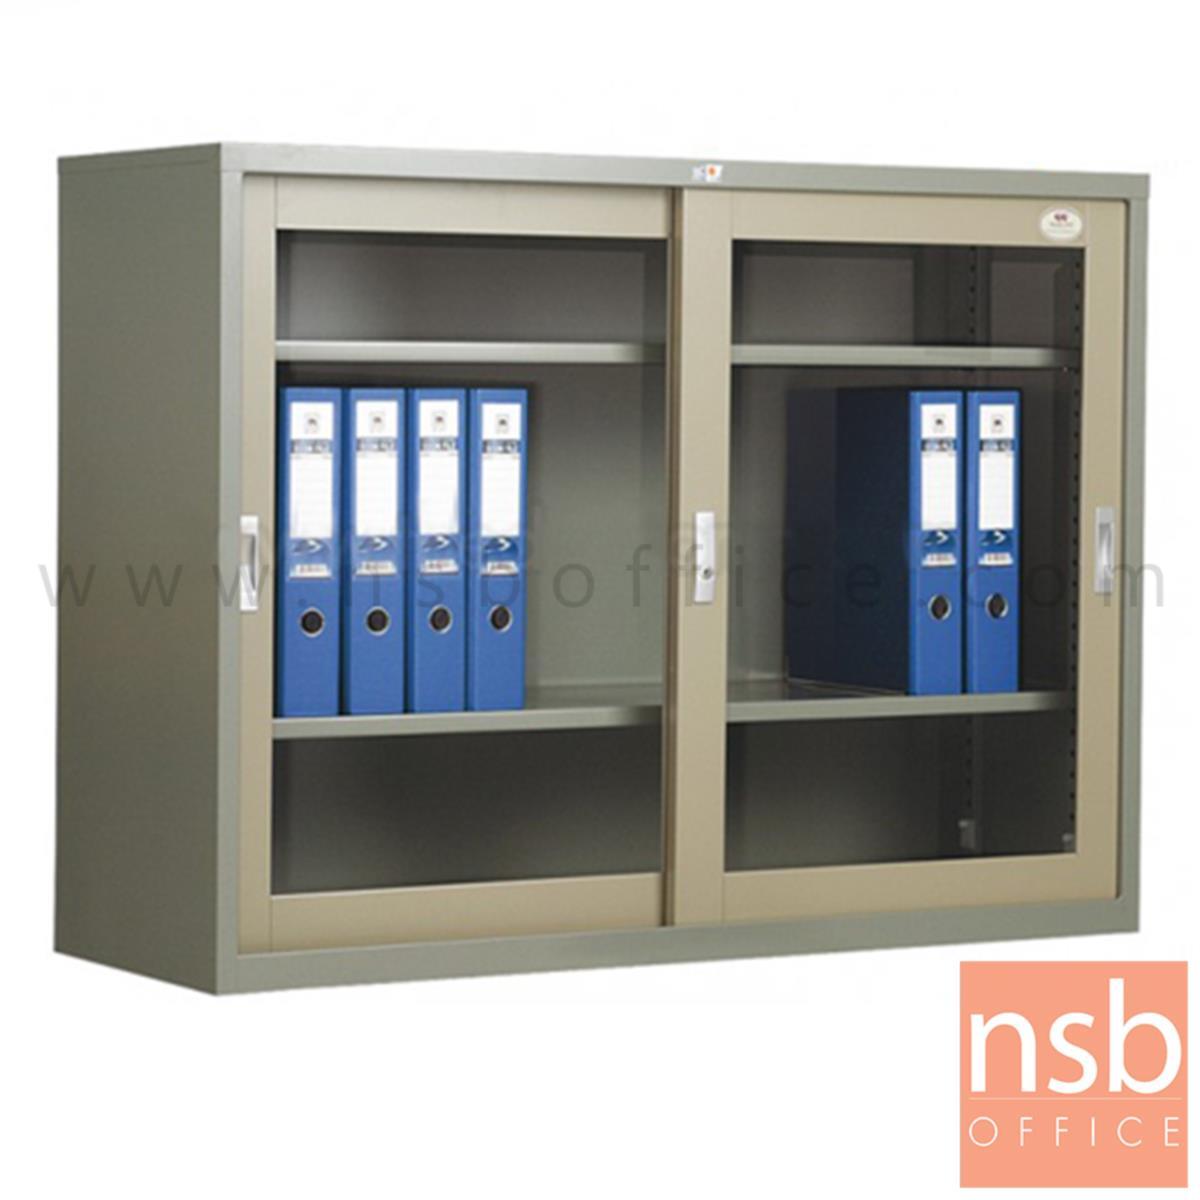 ชุดตู้เก็บเอกสารเหล็ก 4 ฟุต บนบานเลื่อนกระจก ล่างตู้ 3 in 1 พร้อมฐานรอง